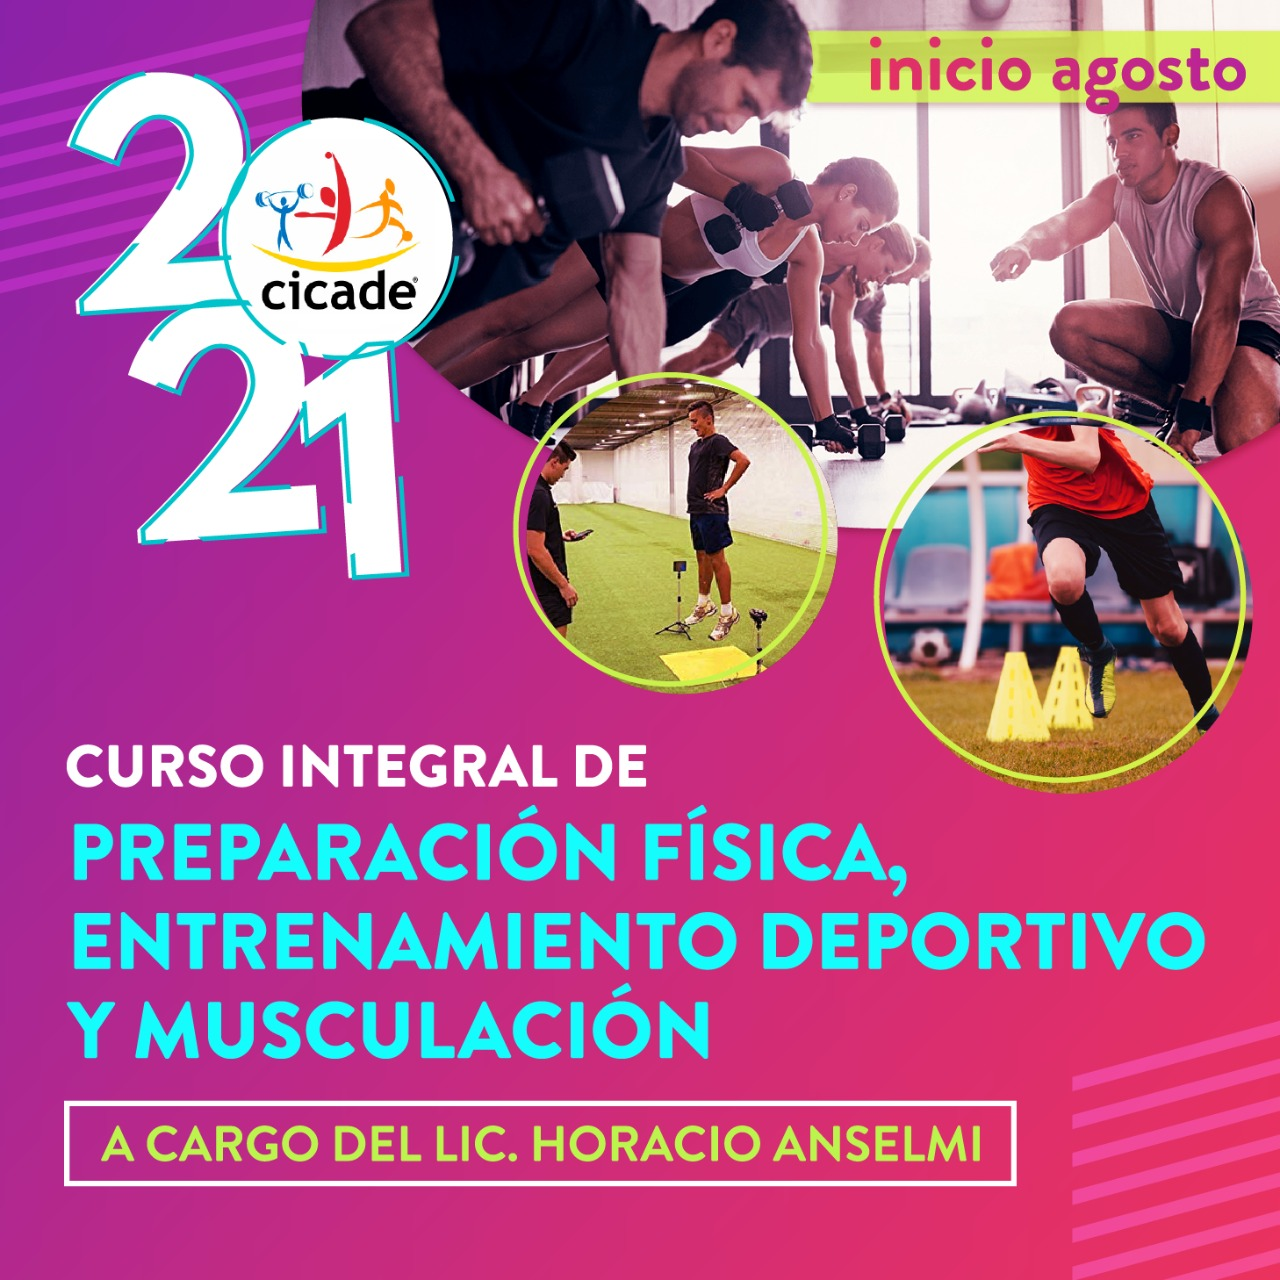 preparacion-fisica-entrenamiento-deportivo-y-musculacion